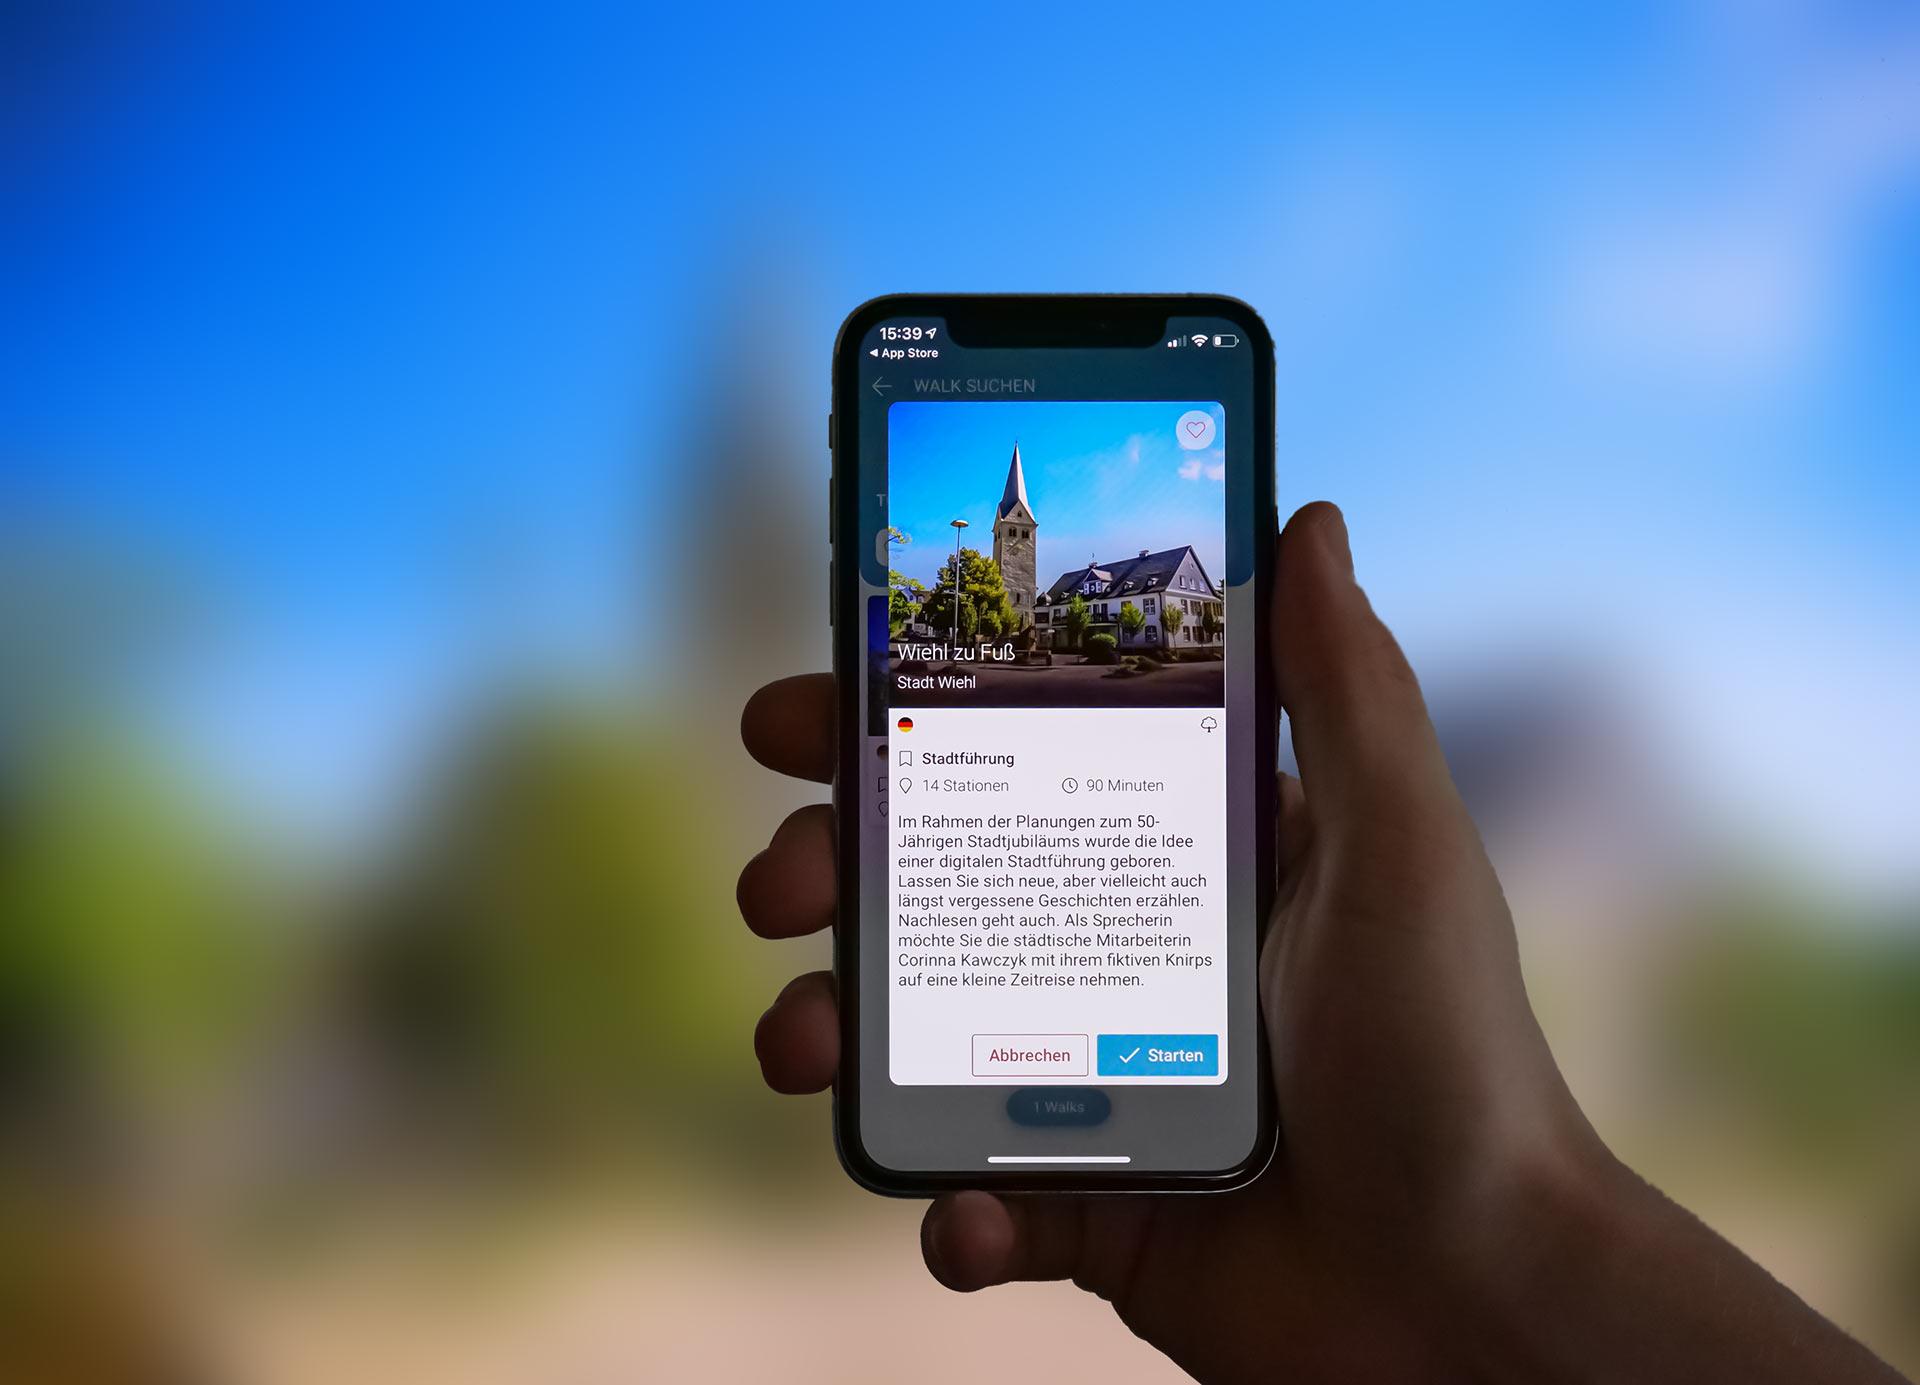 """Die App """"DigiWalk"""", mit der man sich nun Sehenswürdigkeiten in der Wiehler Mitte zeigen und beschreiben lassen kann. Foto: Günther Melzer"""